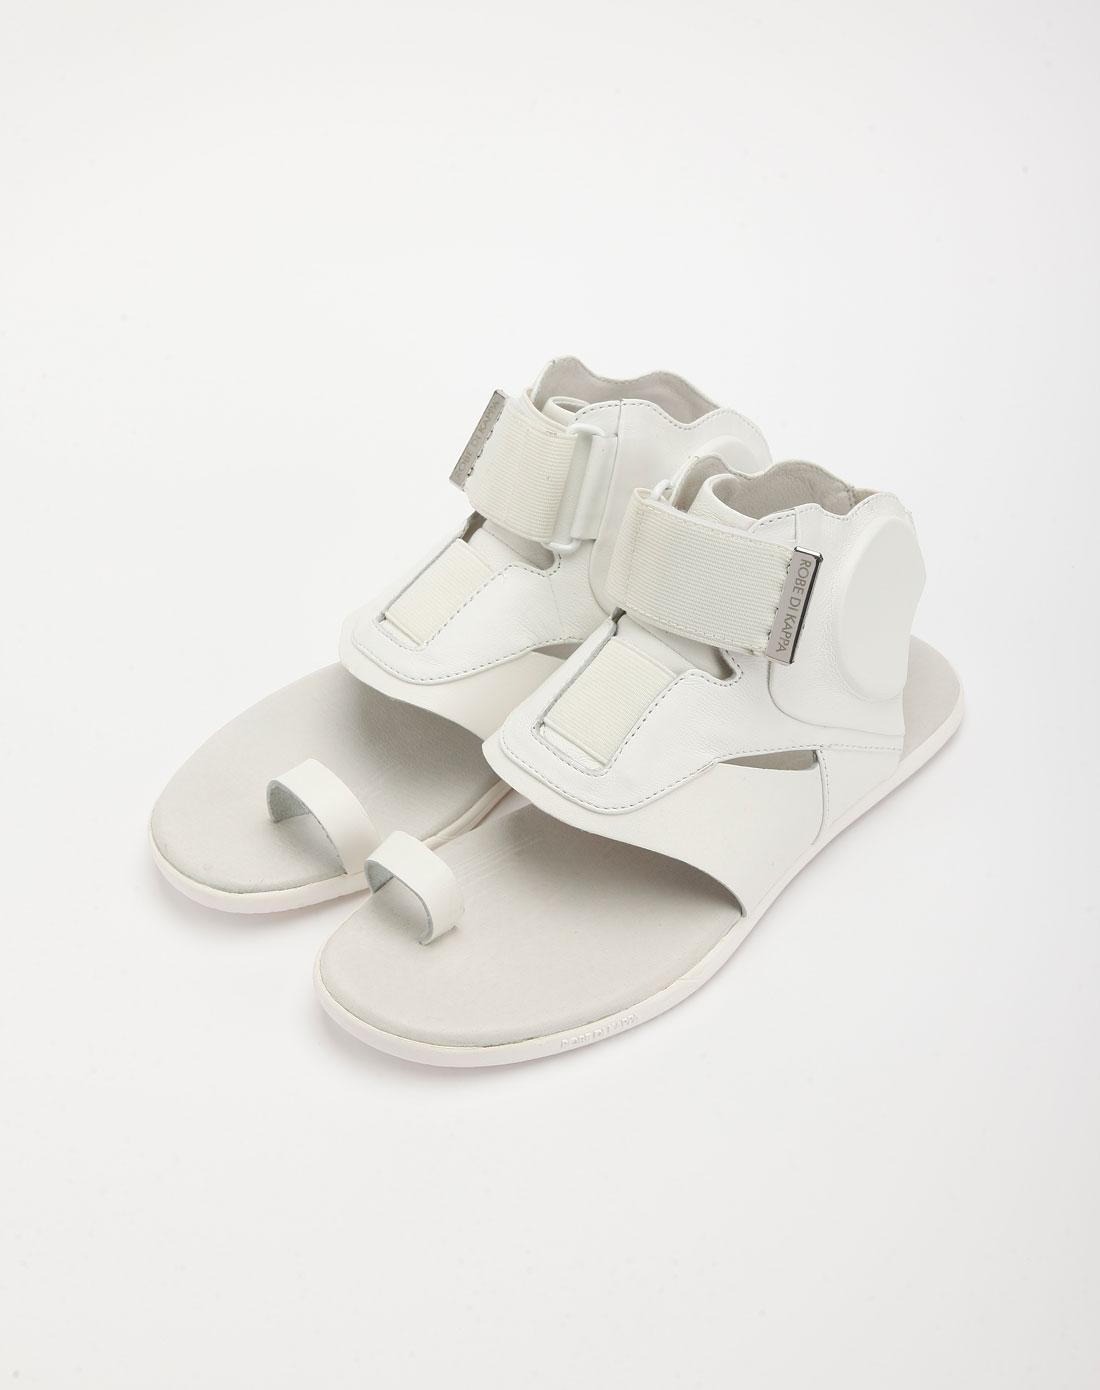 kappa男女男款白色时尚拖鞋